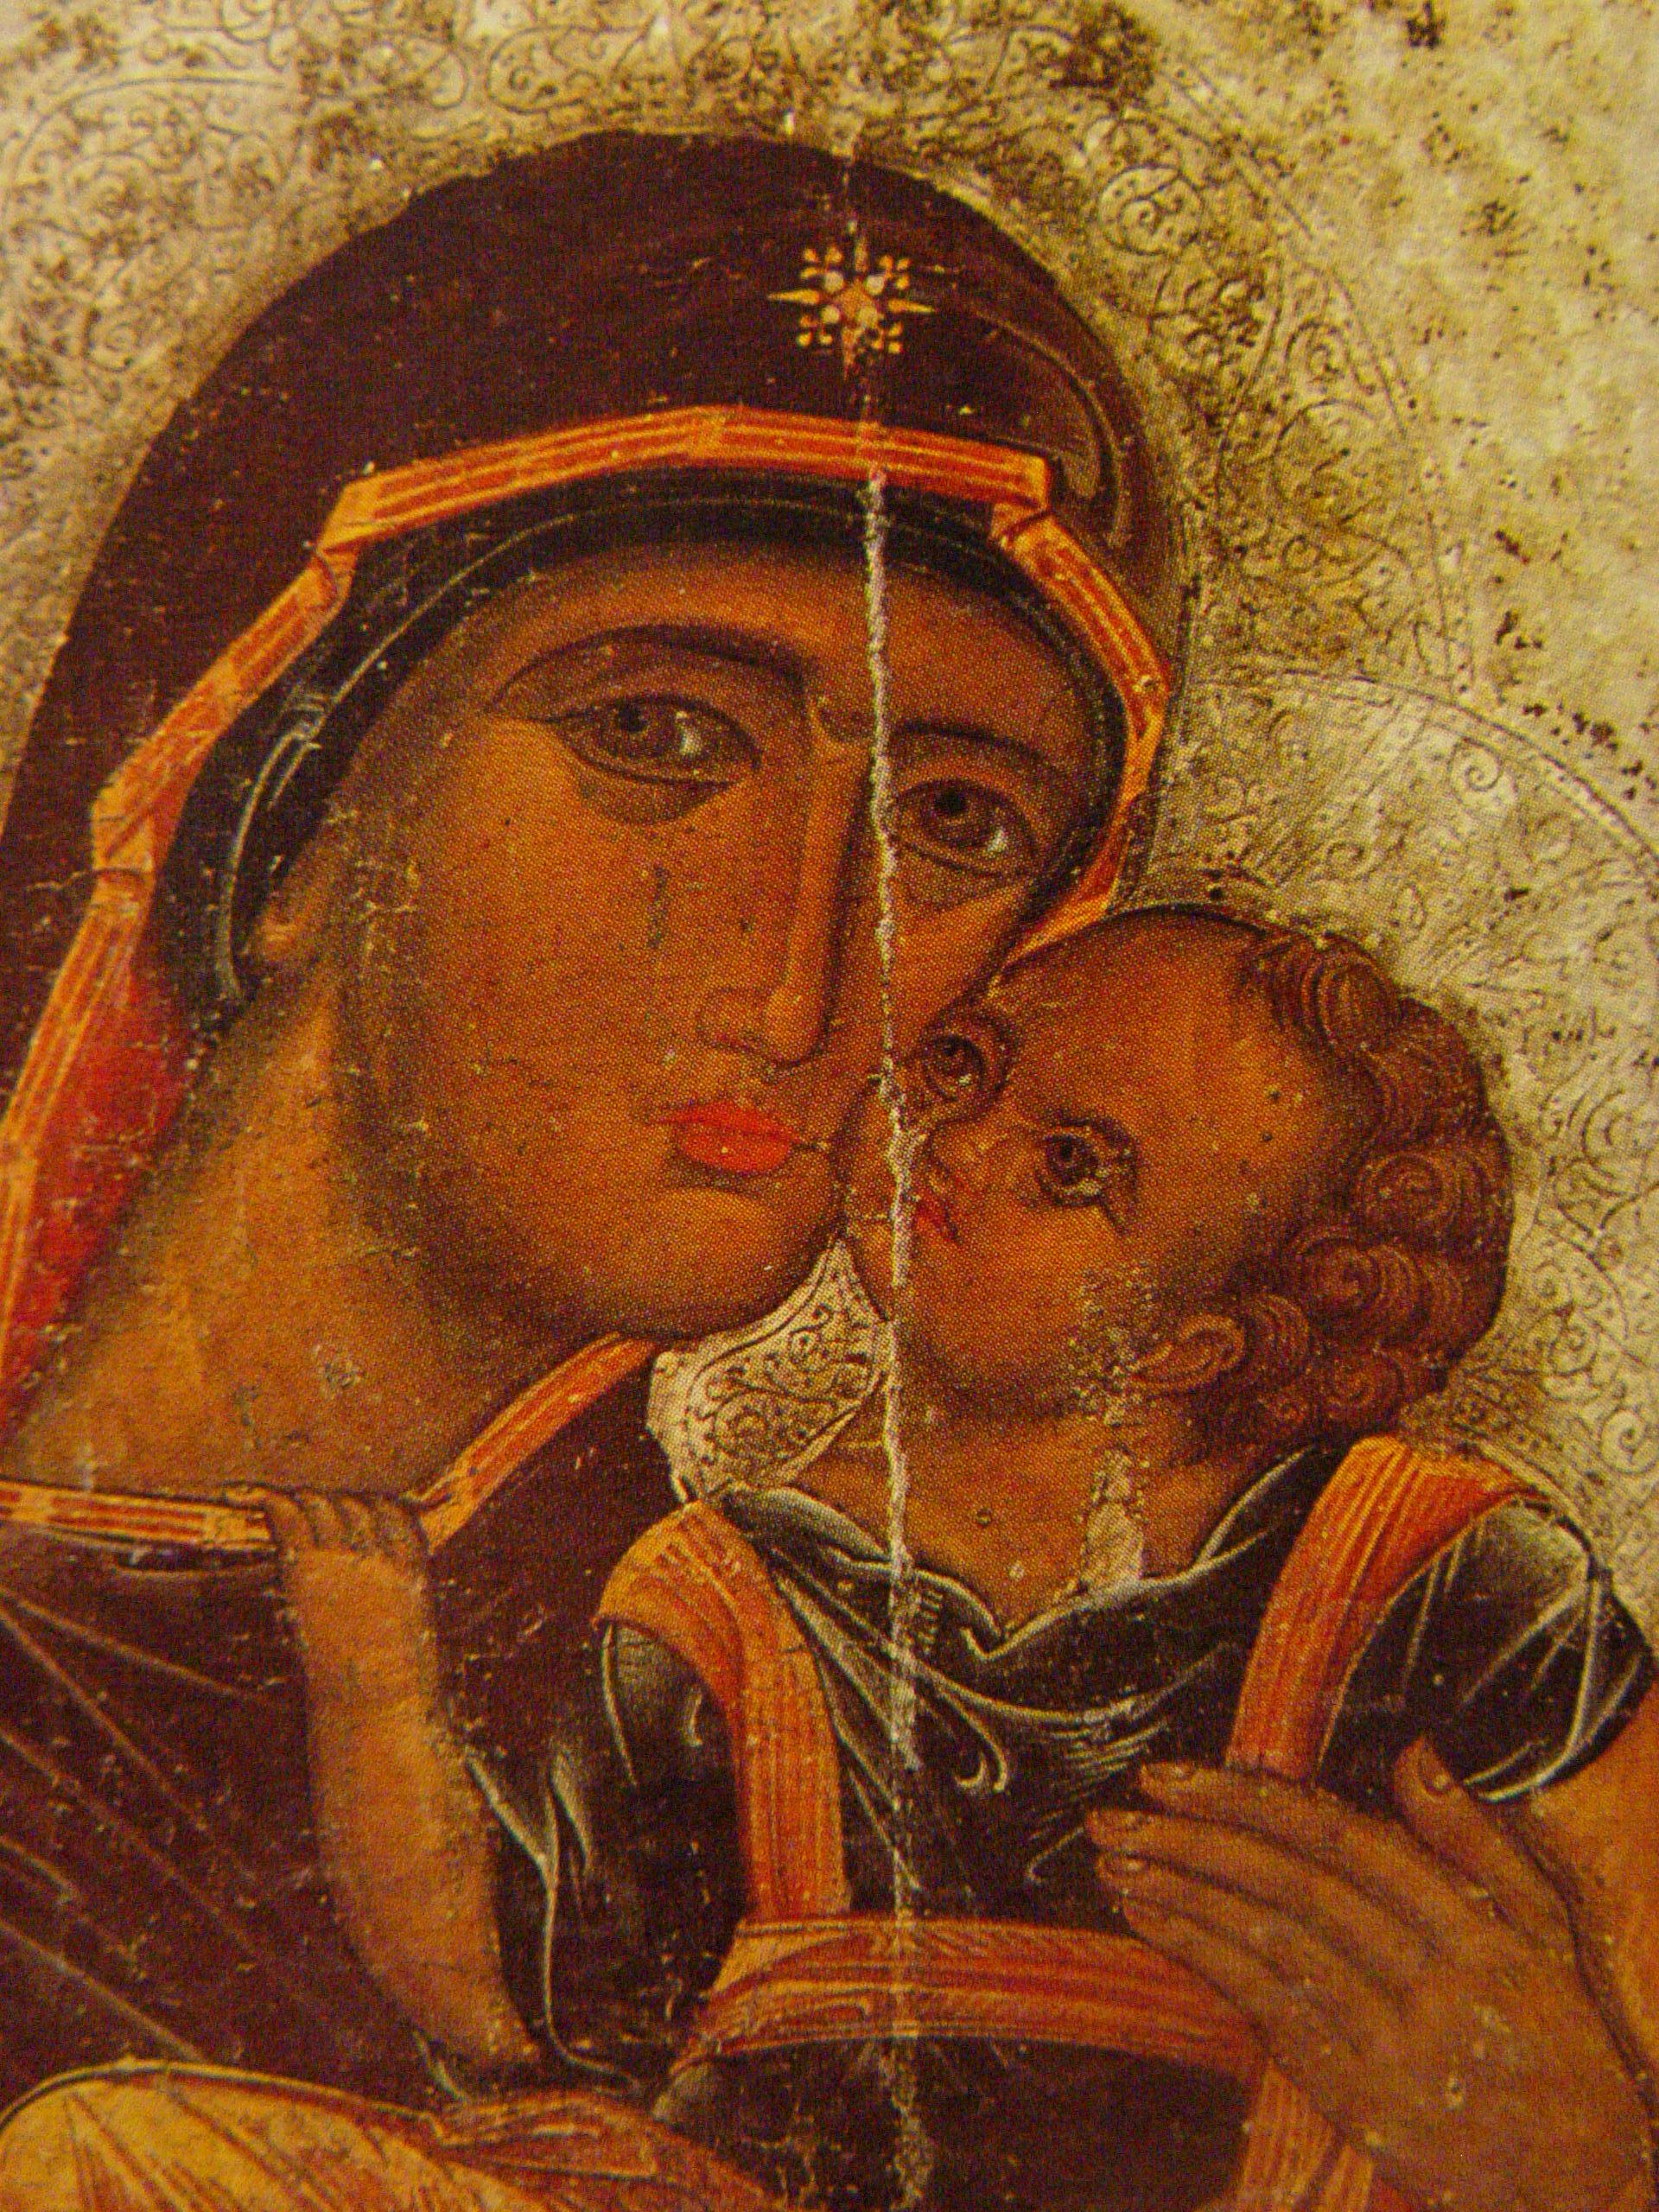 Византия (3 Часть). Иконы Кипра (77 ...: nevsepic.com.ua/religiya/page,2,21476-vizantiya-3-chast.-ikony...